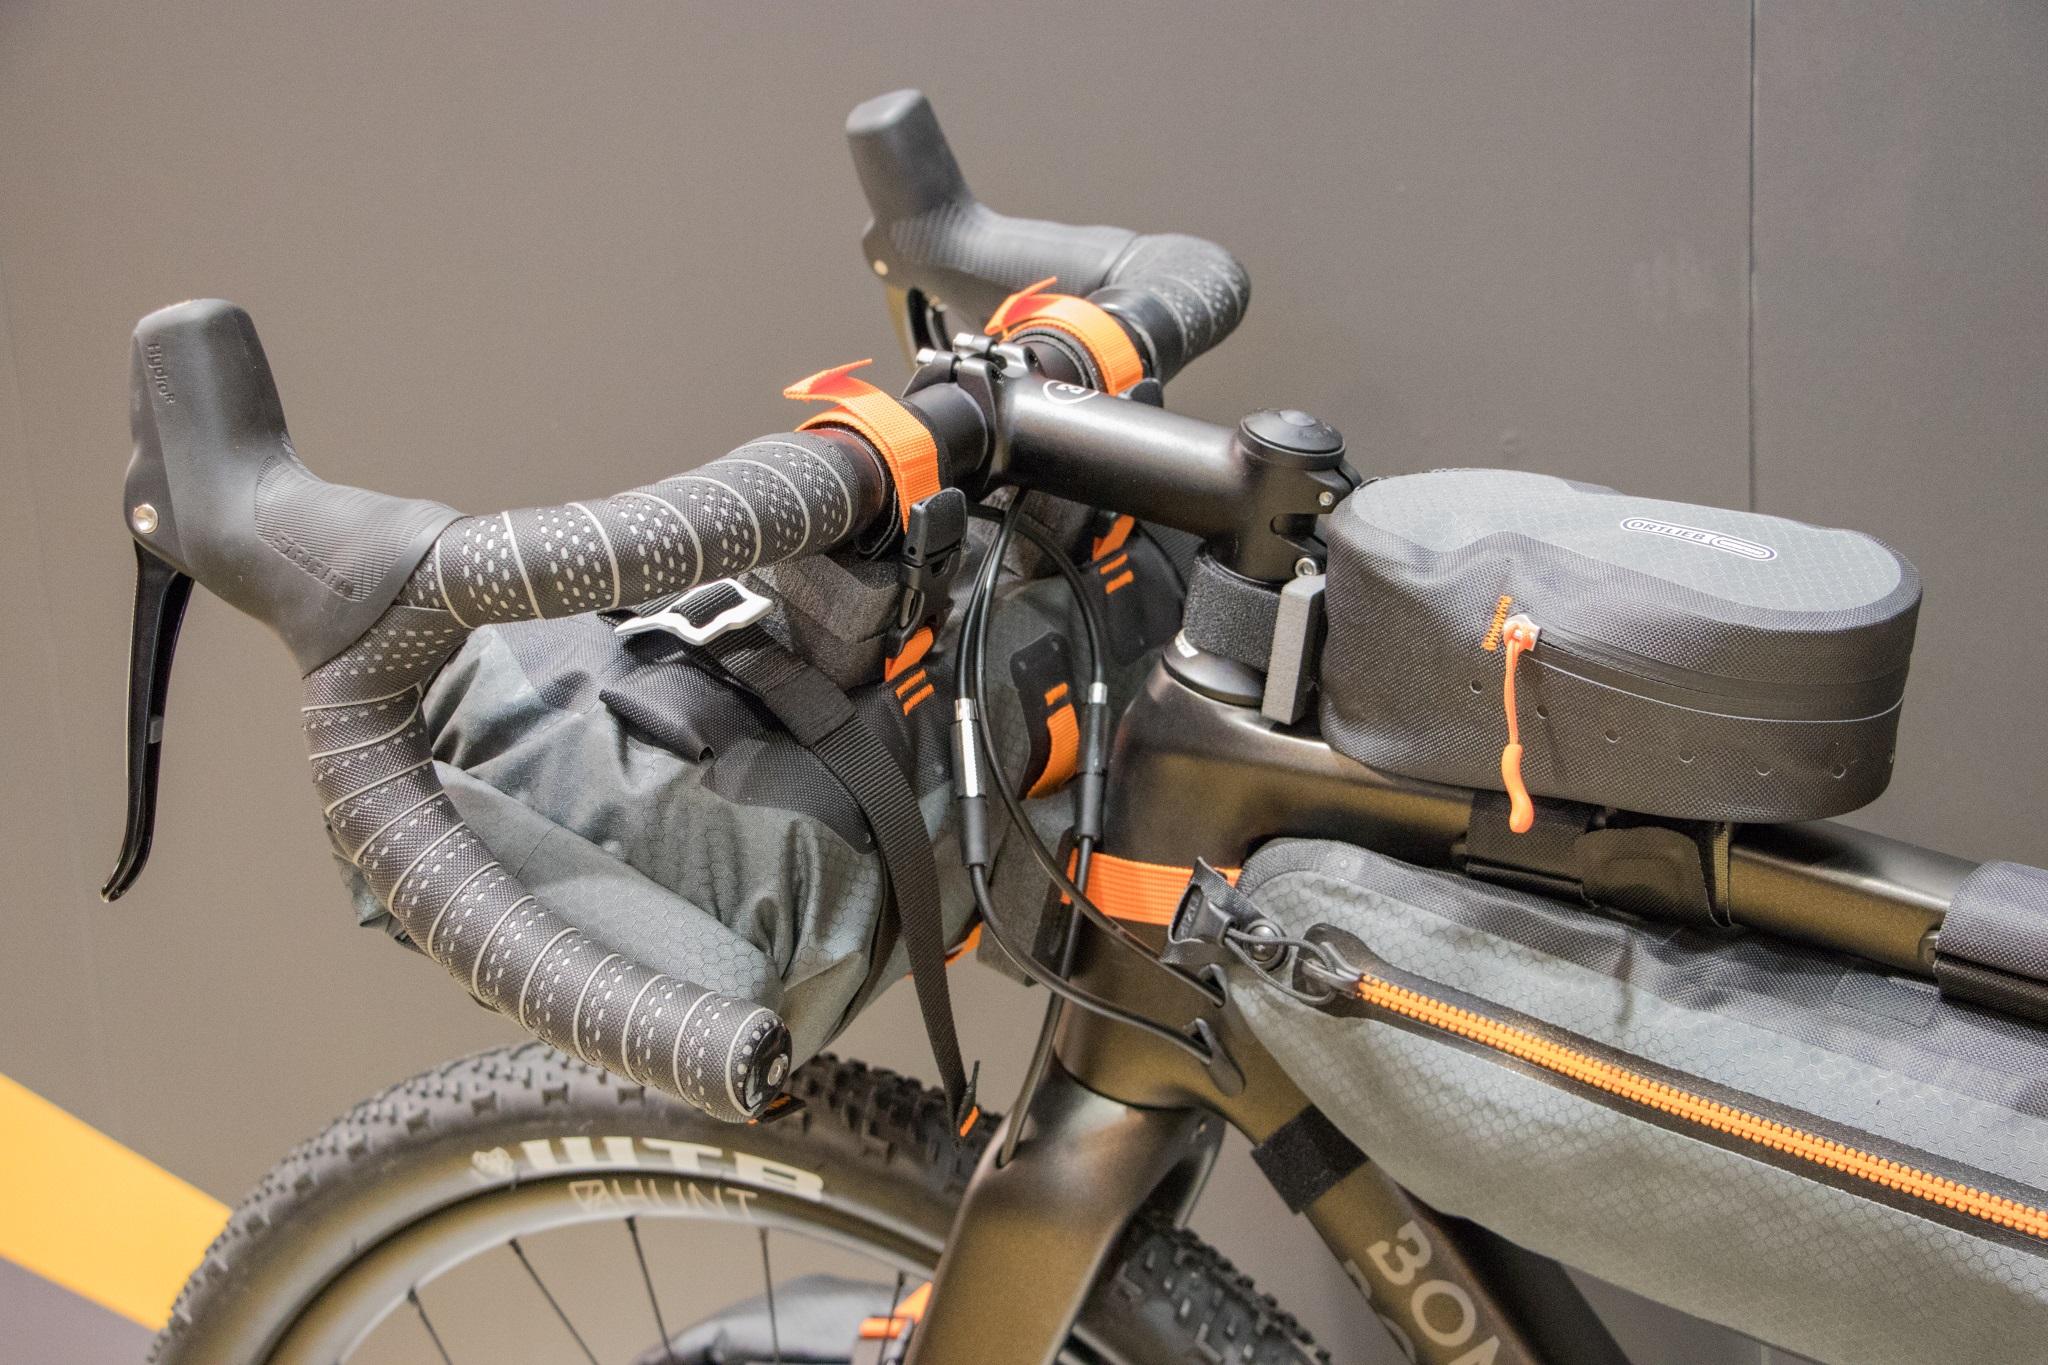 ortlieb_eurobike_bikepacking004